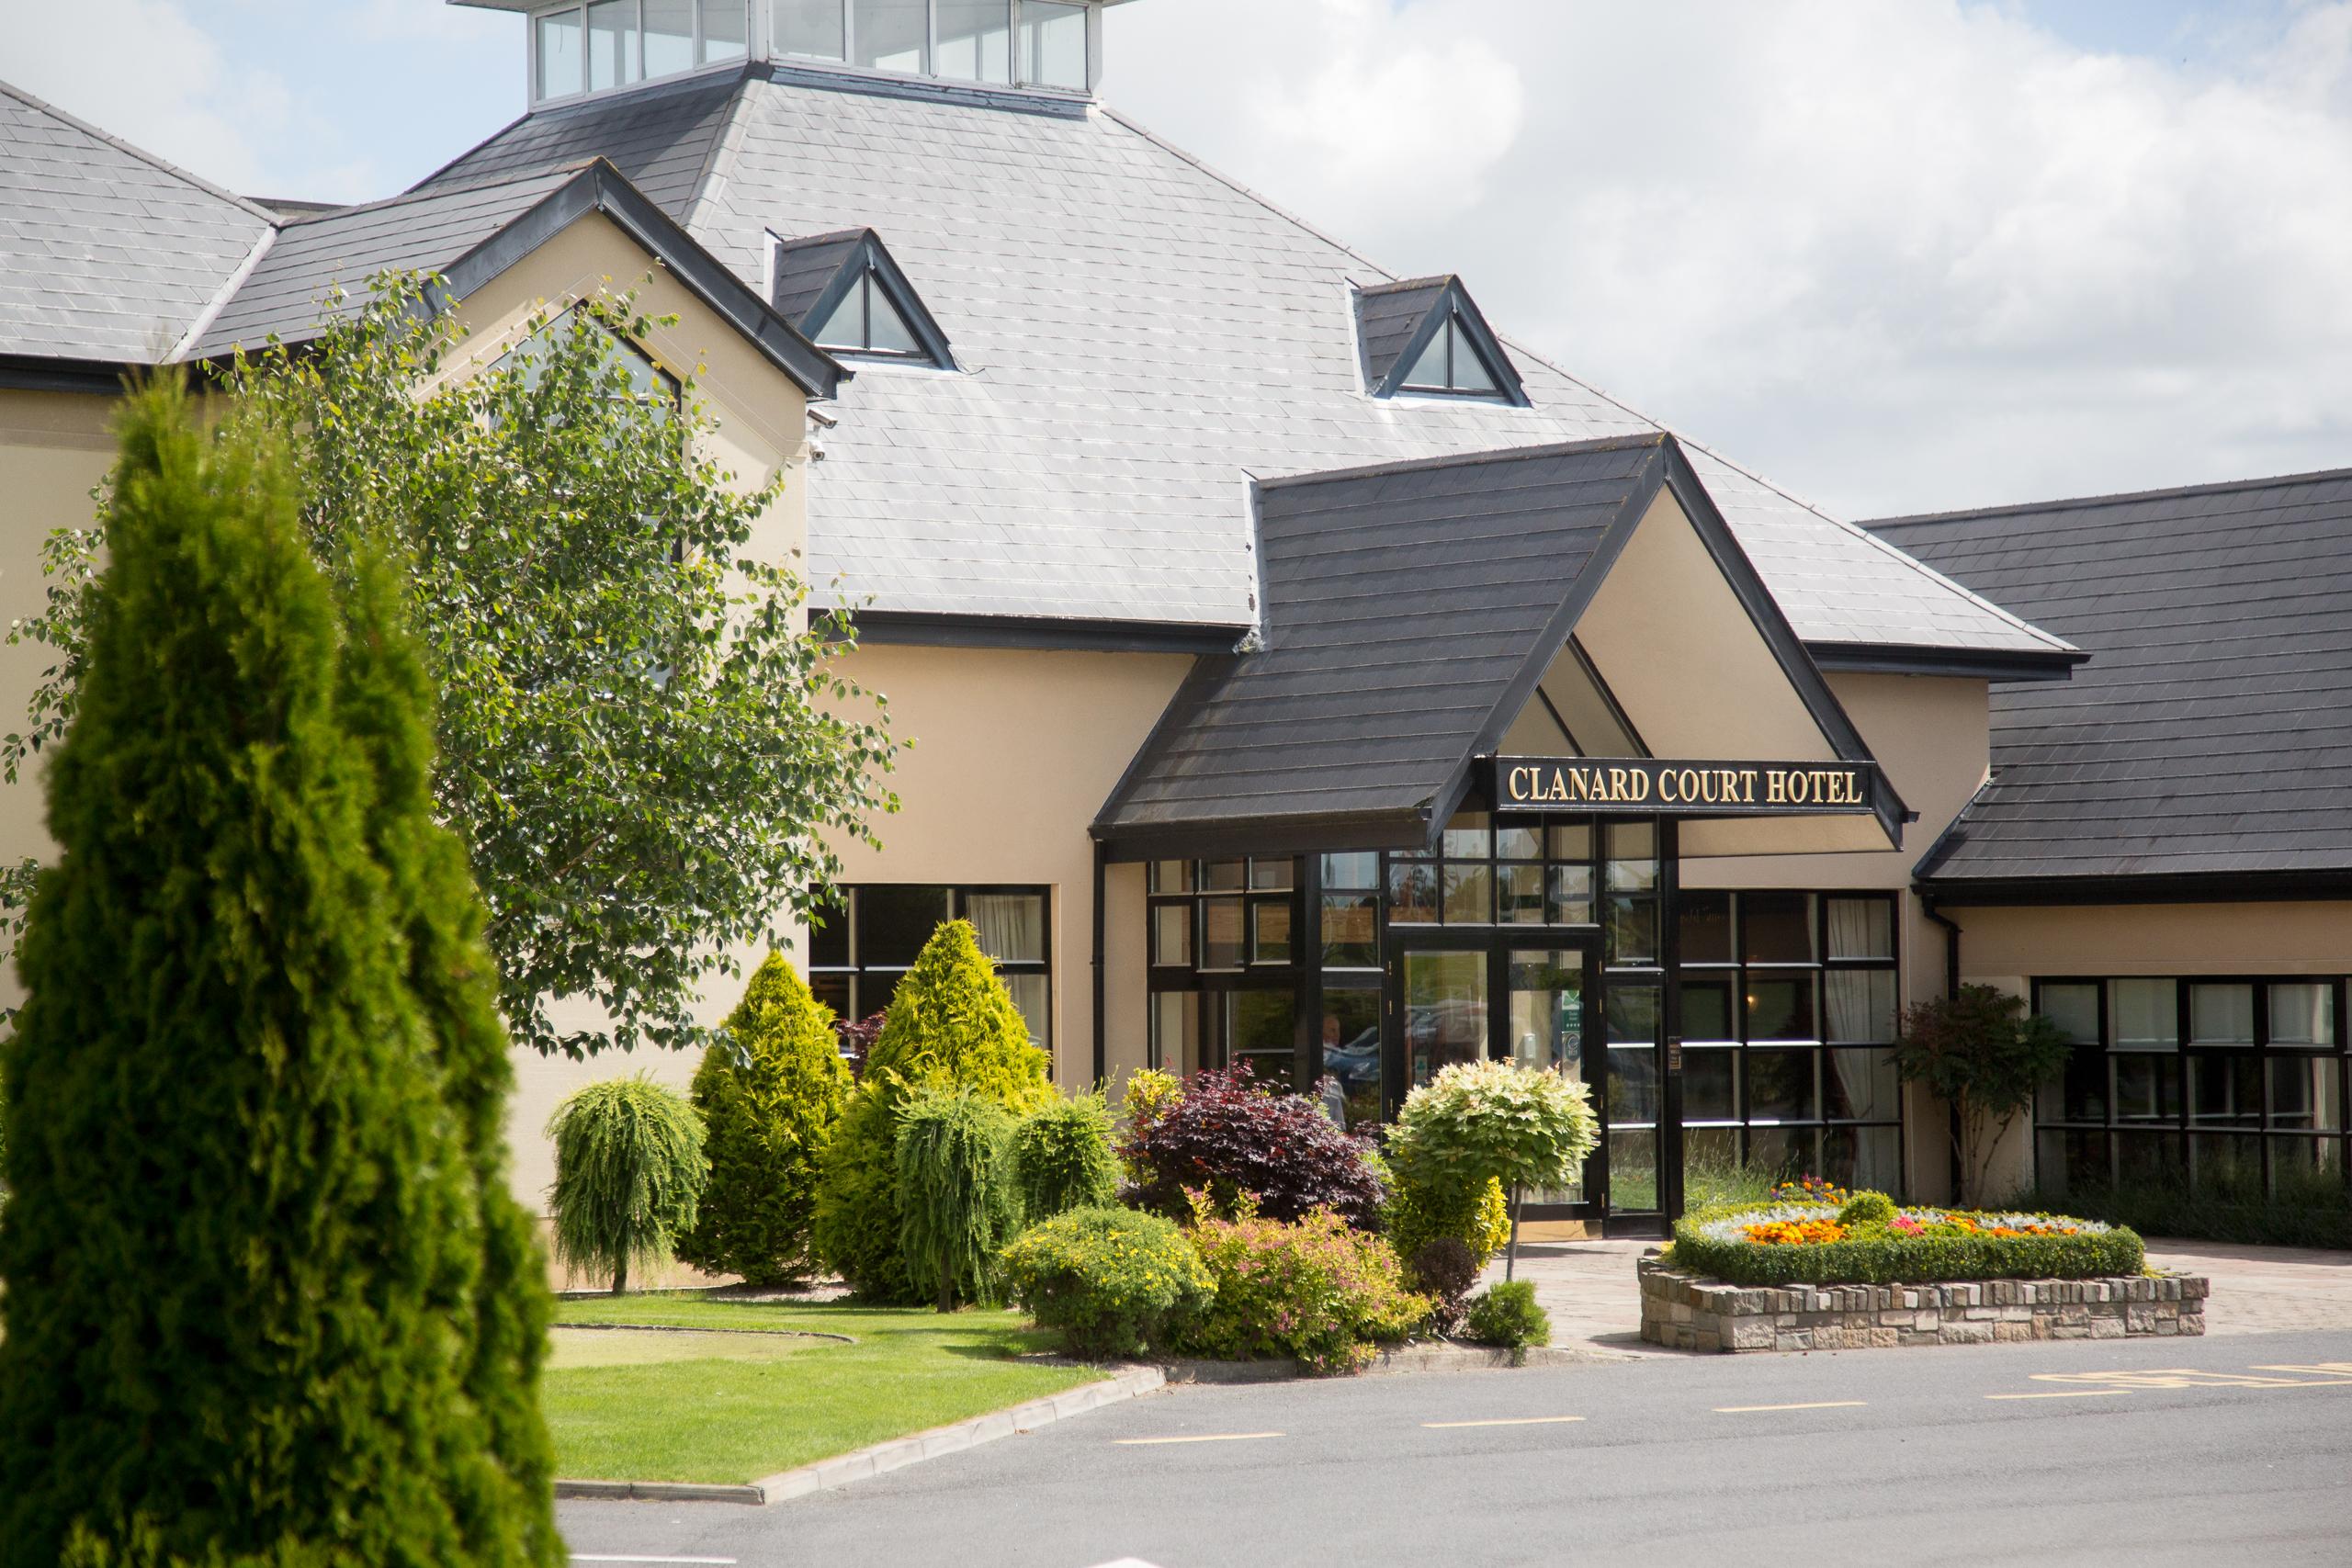 Clanard Court Hotel